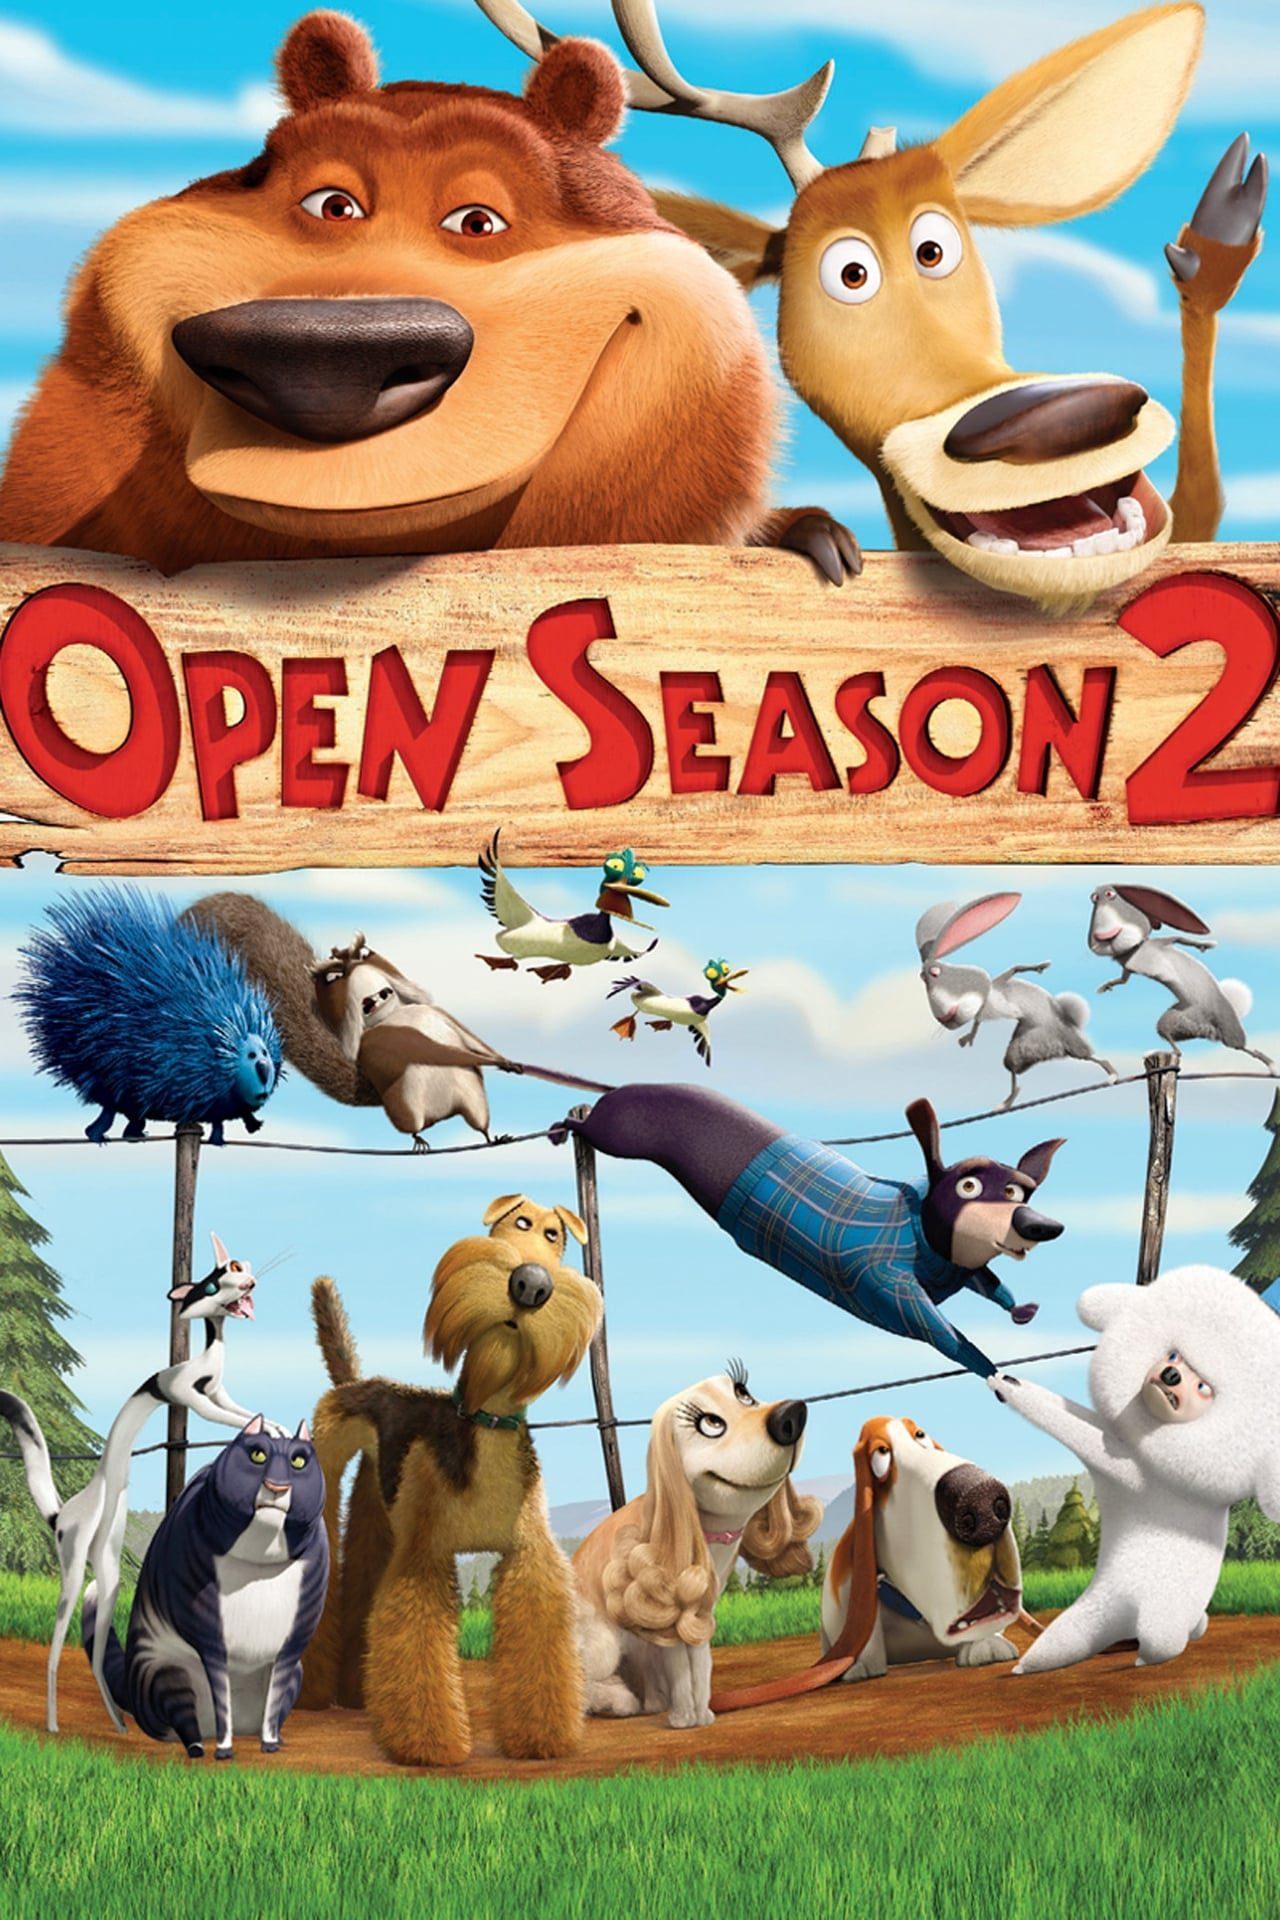 Open Season 2 on Netflix